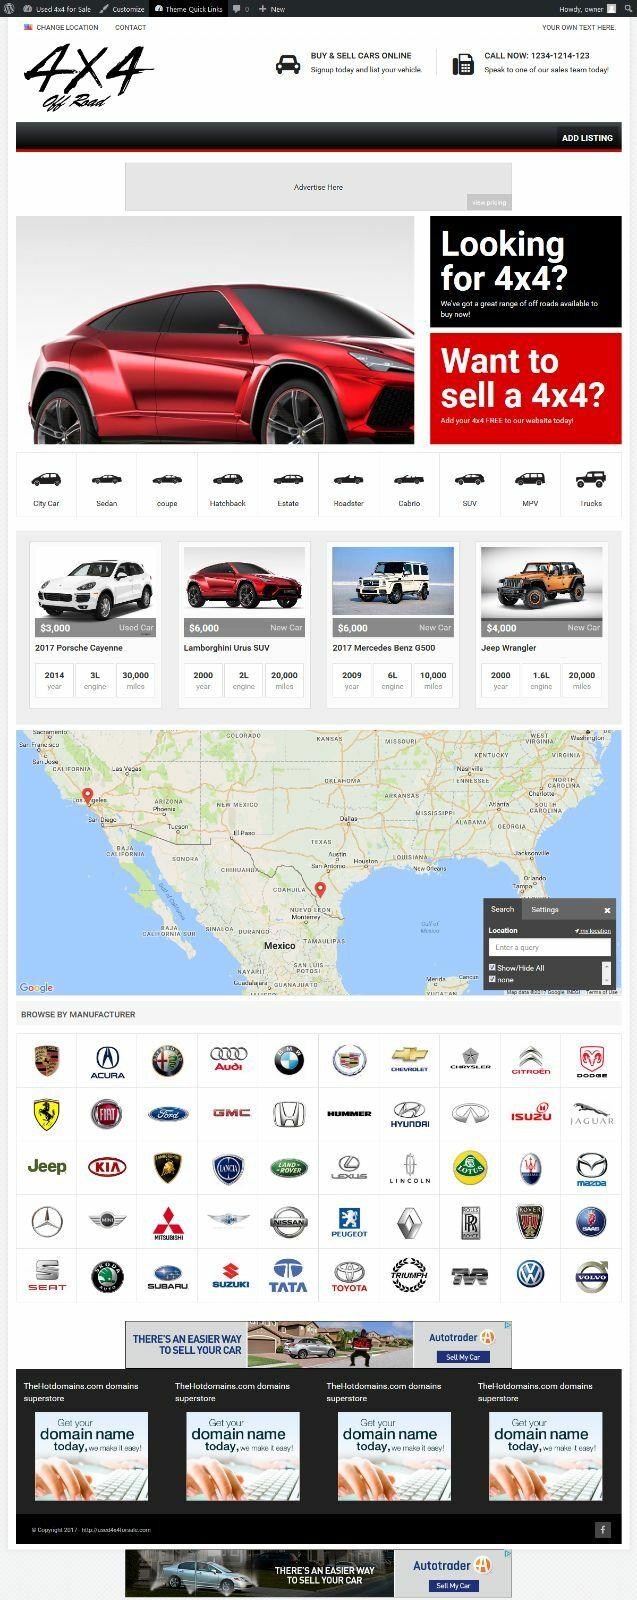 ESTABLISHED Turnkey WEBSITE BUSINESS cars sale .com + Bonus used4x4forsale.com